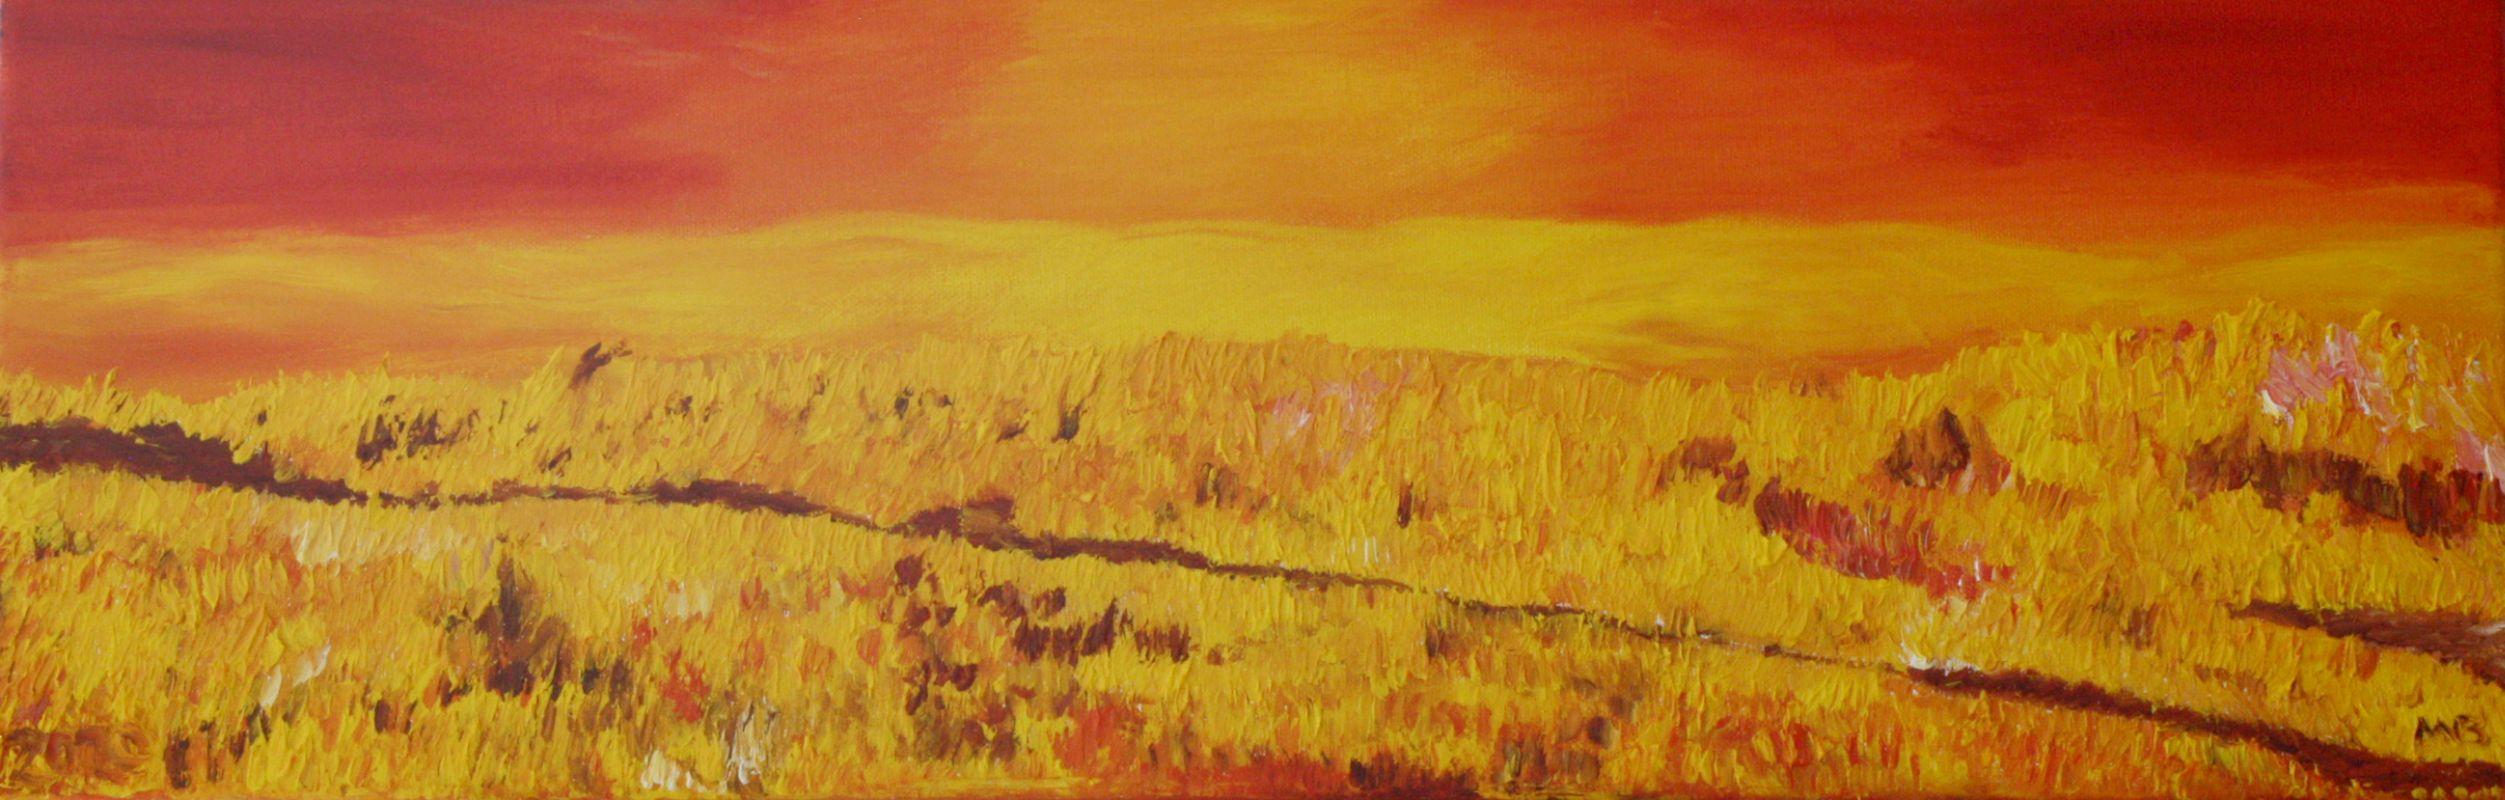 Sonnenuntergang auf dem Kornfeld (2009, 20 x 60 cm) vergeben